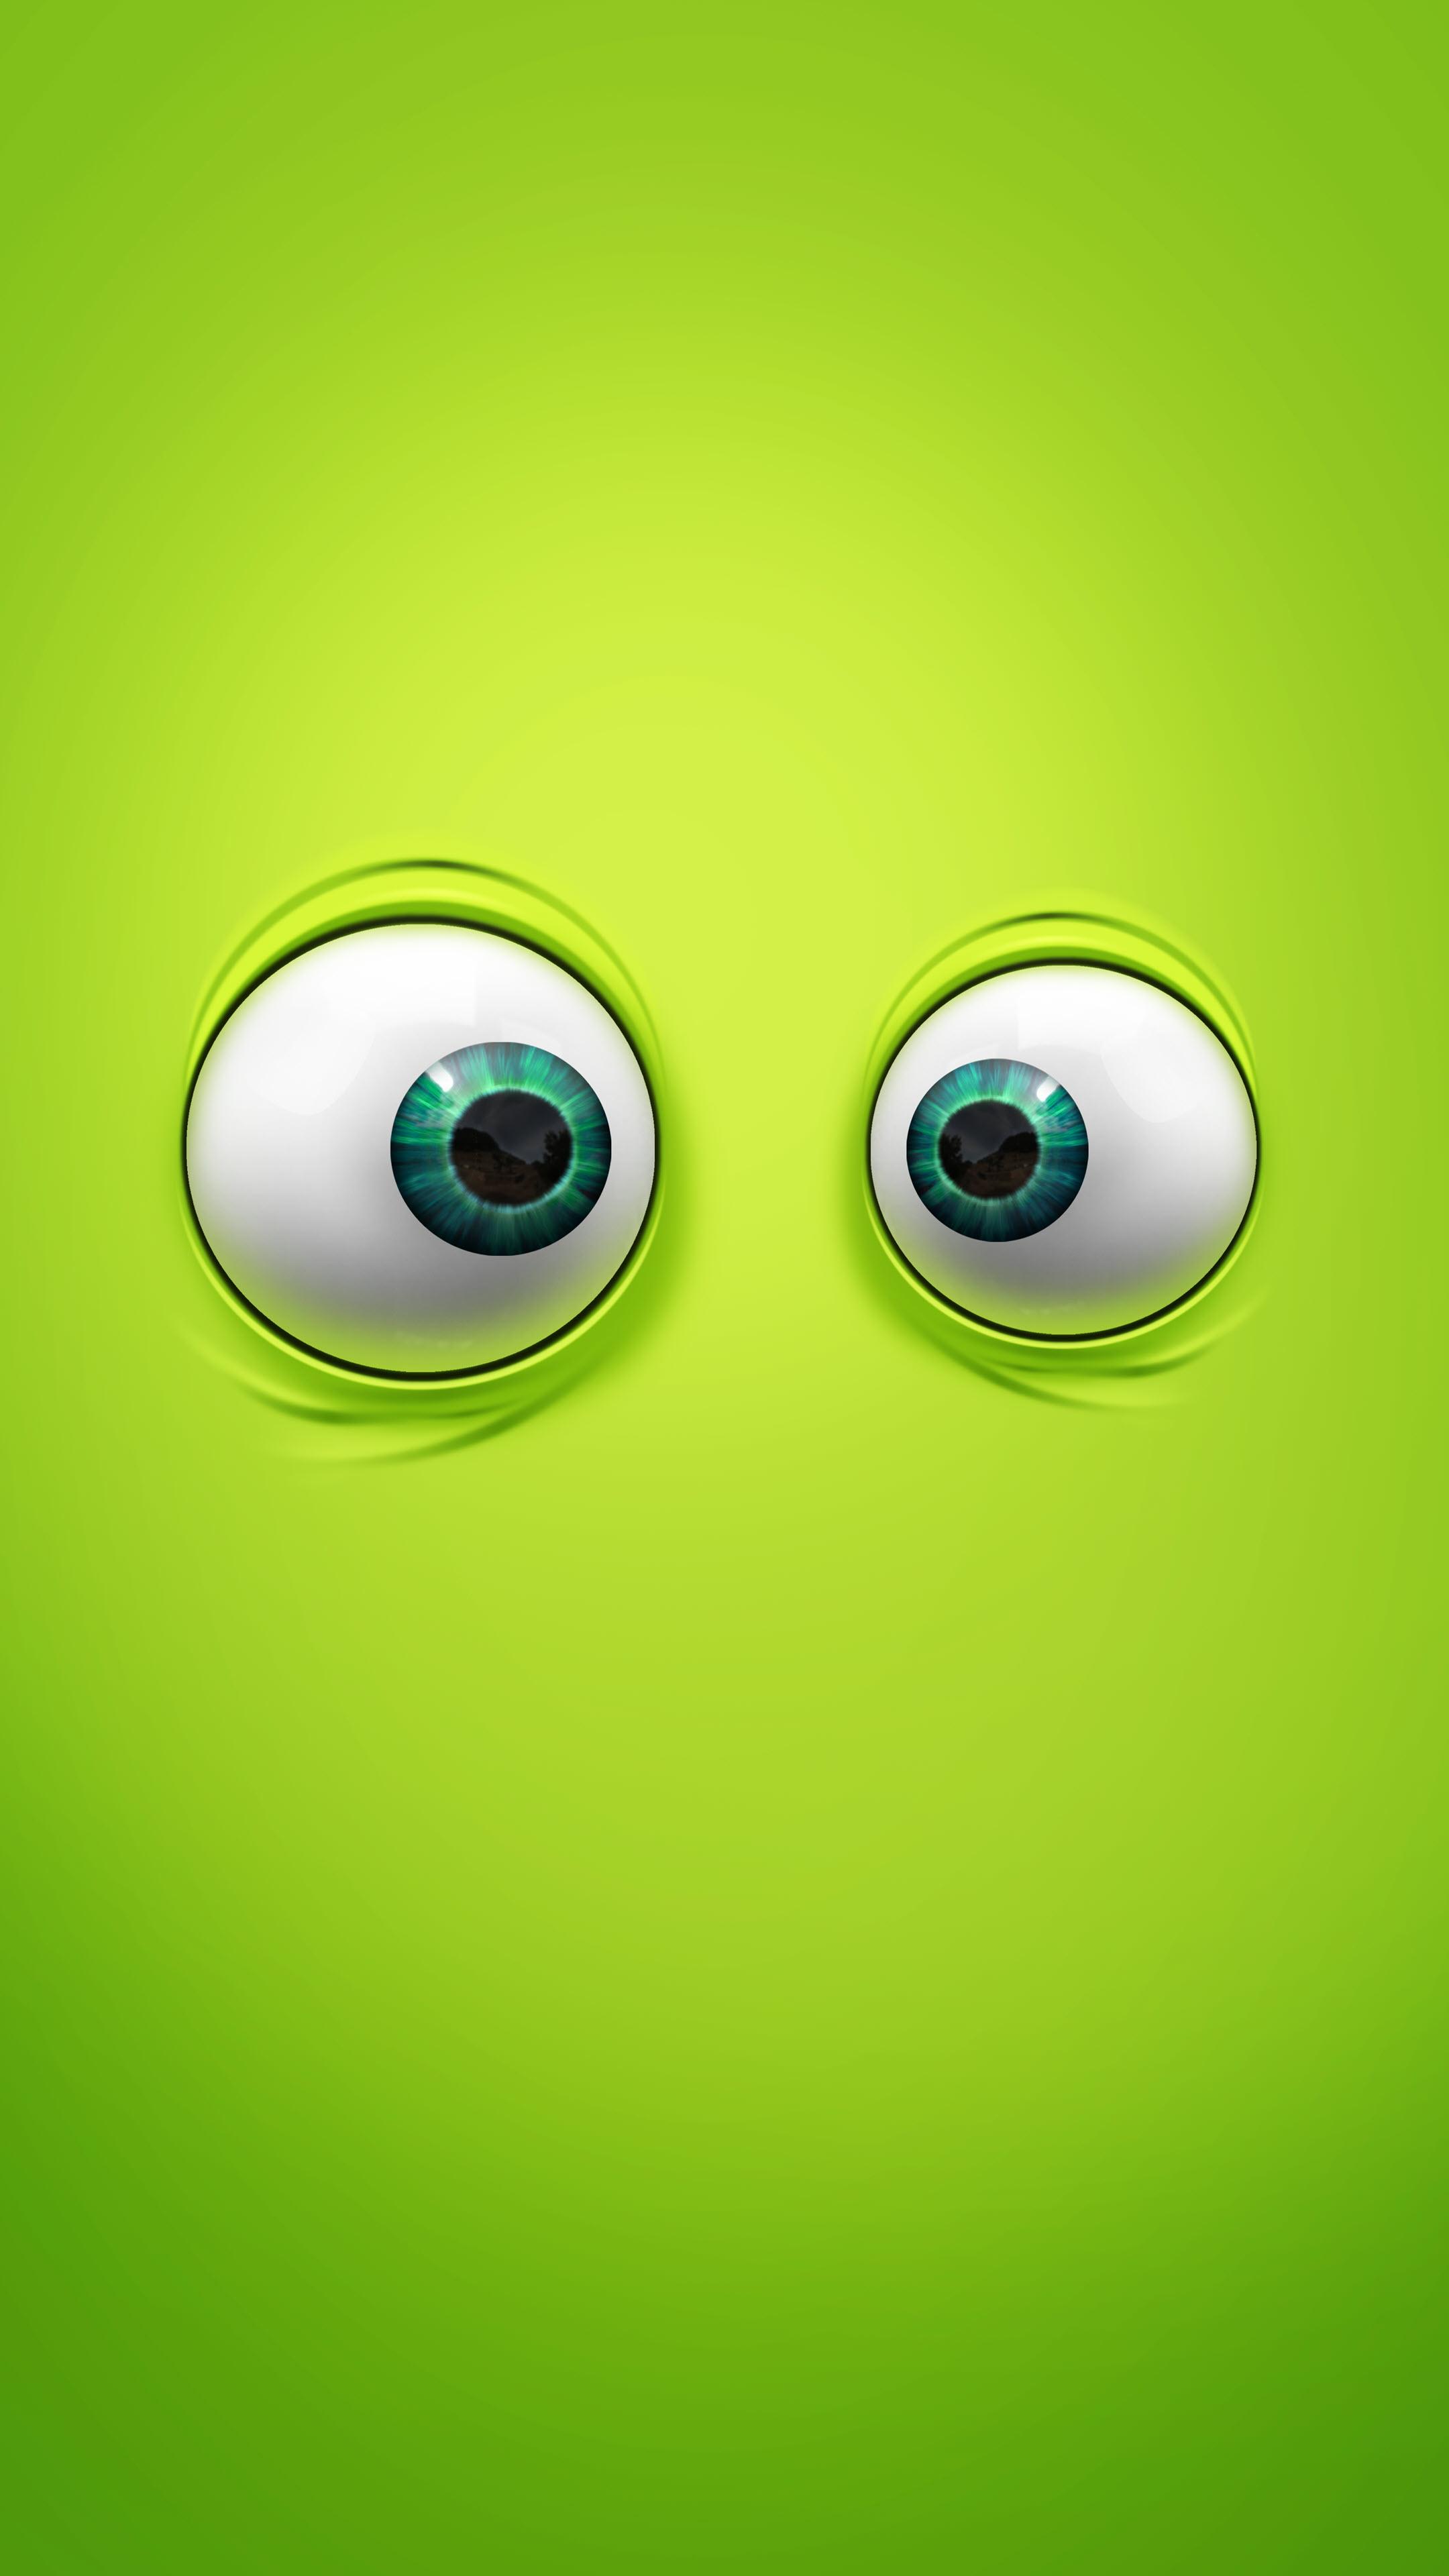 Ảnh nền điện thoại 4K đôi mắt